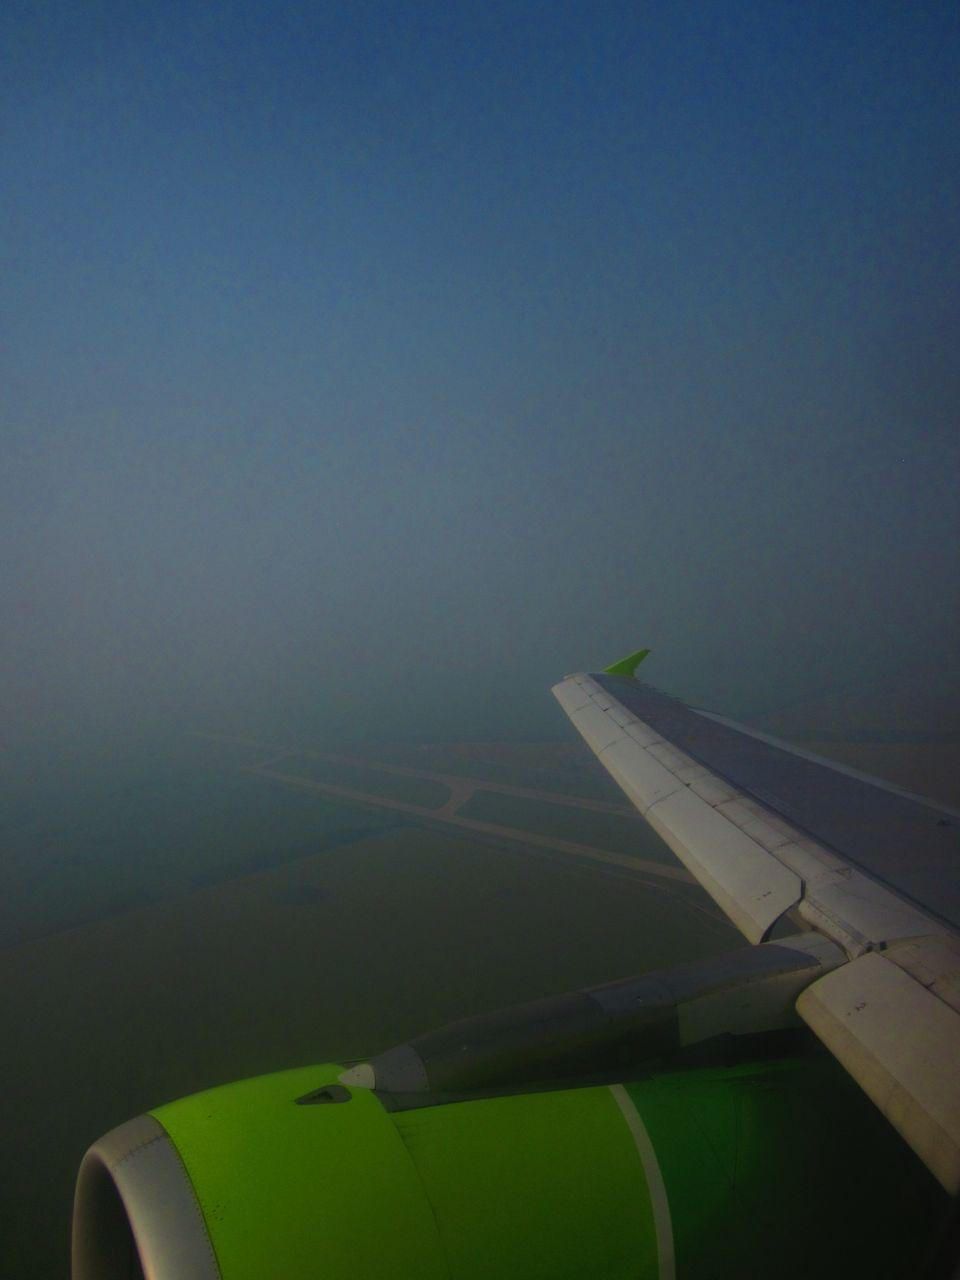 Из иллюминатора самолёта не видно даже взлётно-посадочную полосу. Видимо, пилоты садятся и взлетают по приборам